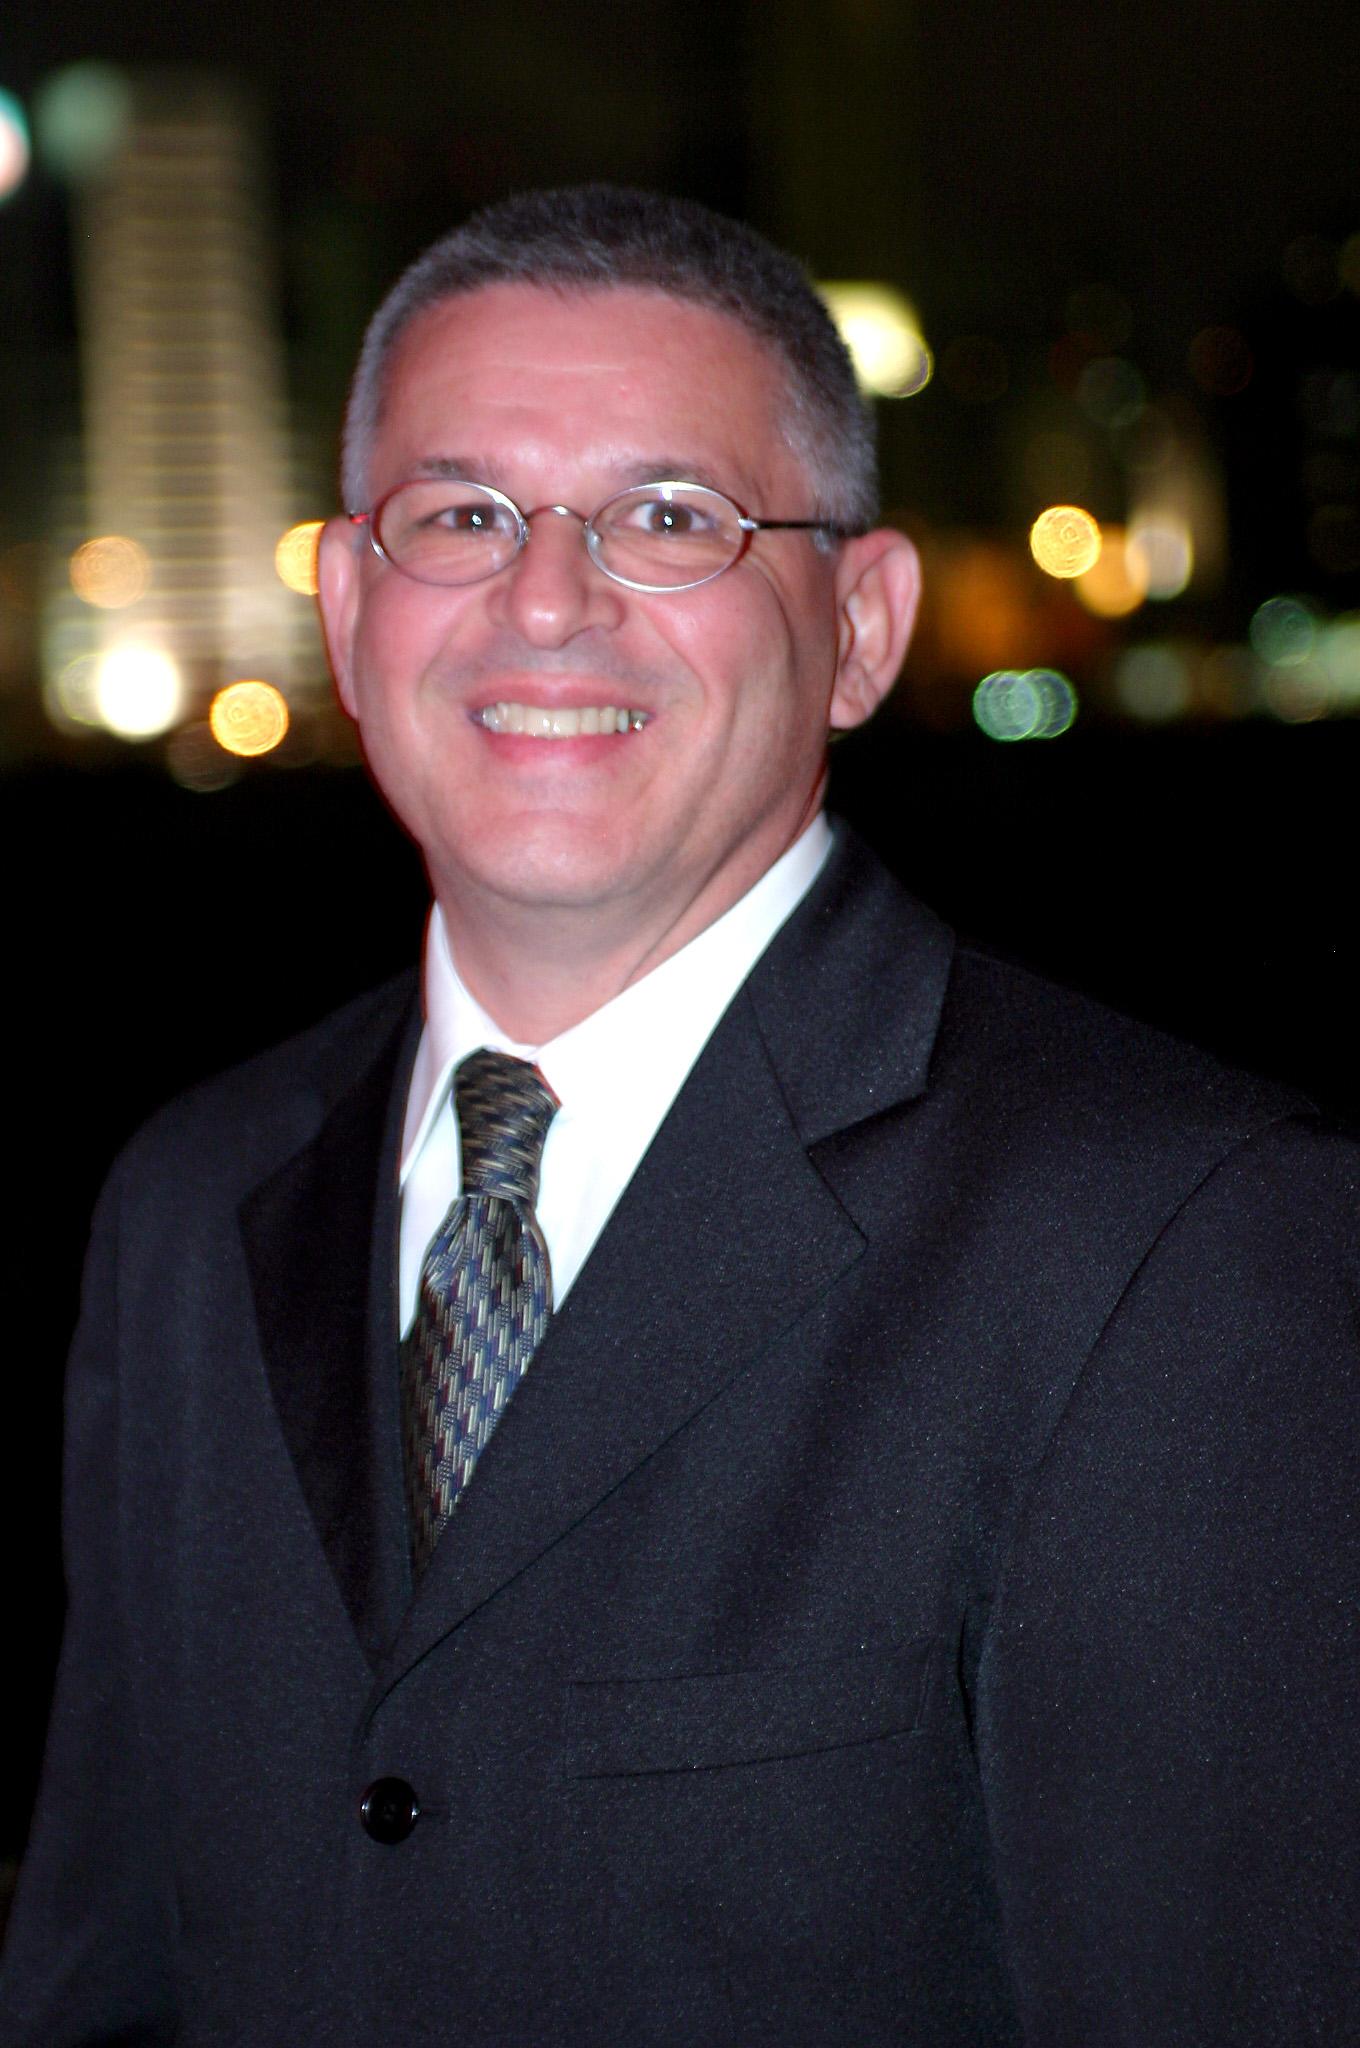 José Carlos Franco Fernandes Jr